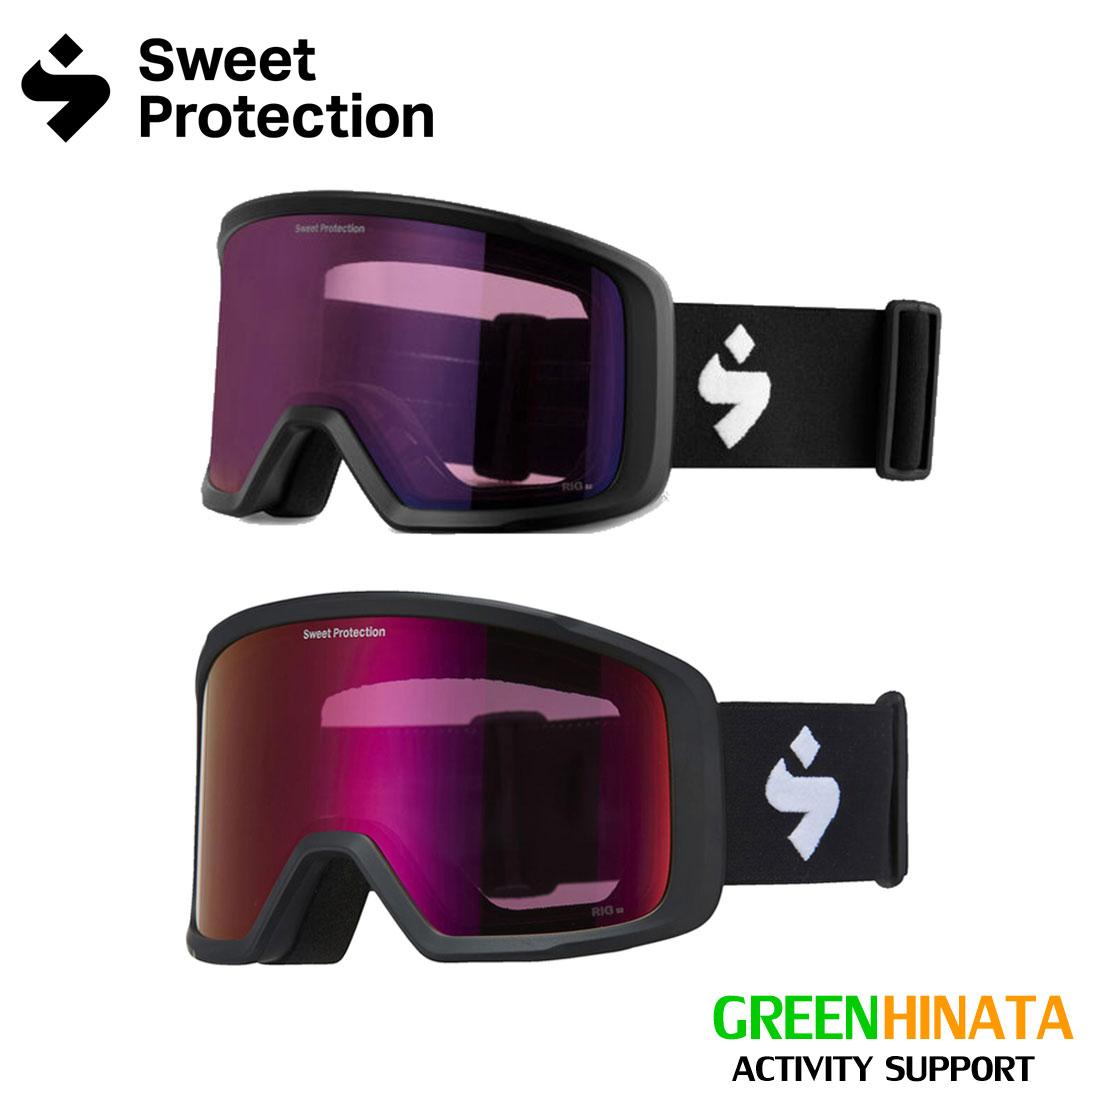 【国内正規品】 スウィートプロテクション ファイヤーウォール スキー スノーボード ゴーグル Sweet Protection Firewall スイート プロテクション 2020MODEL